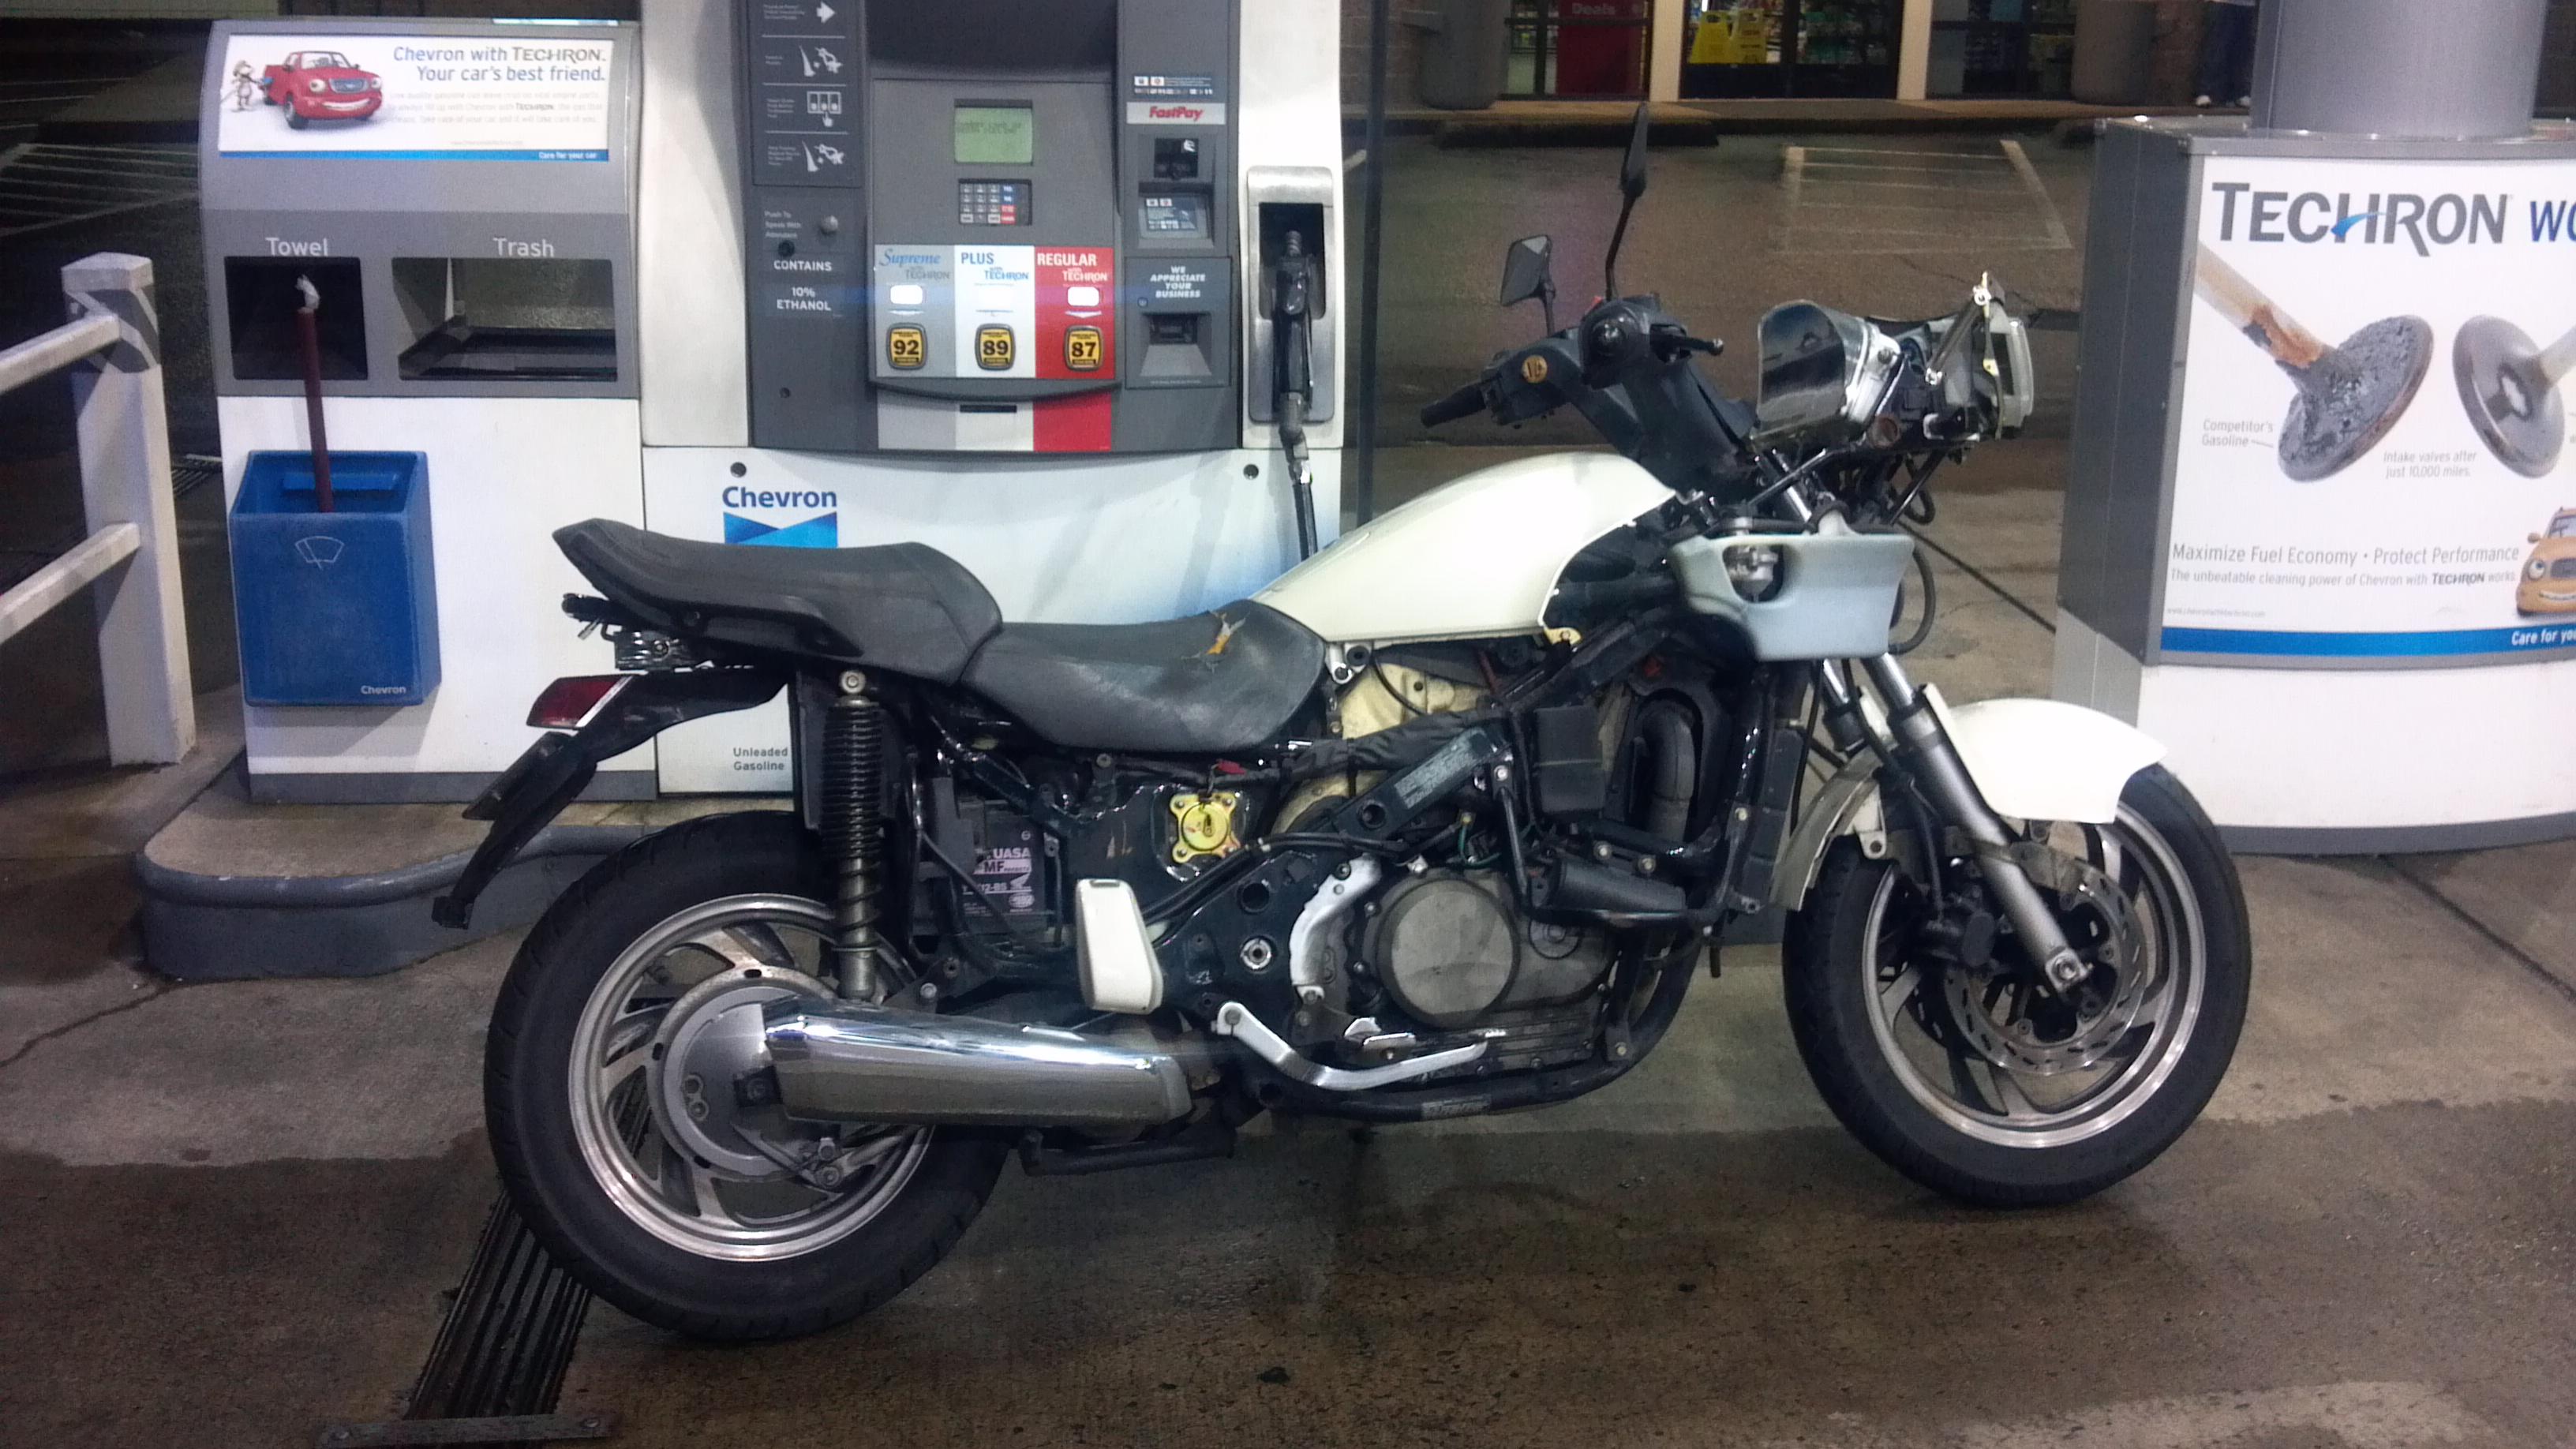 Une semaine moto en Bretagne 2012-02-14_18-10-34_830